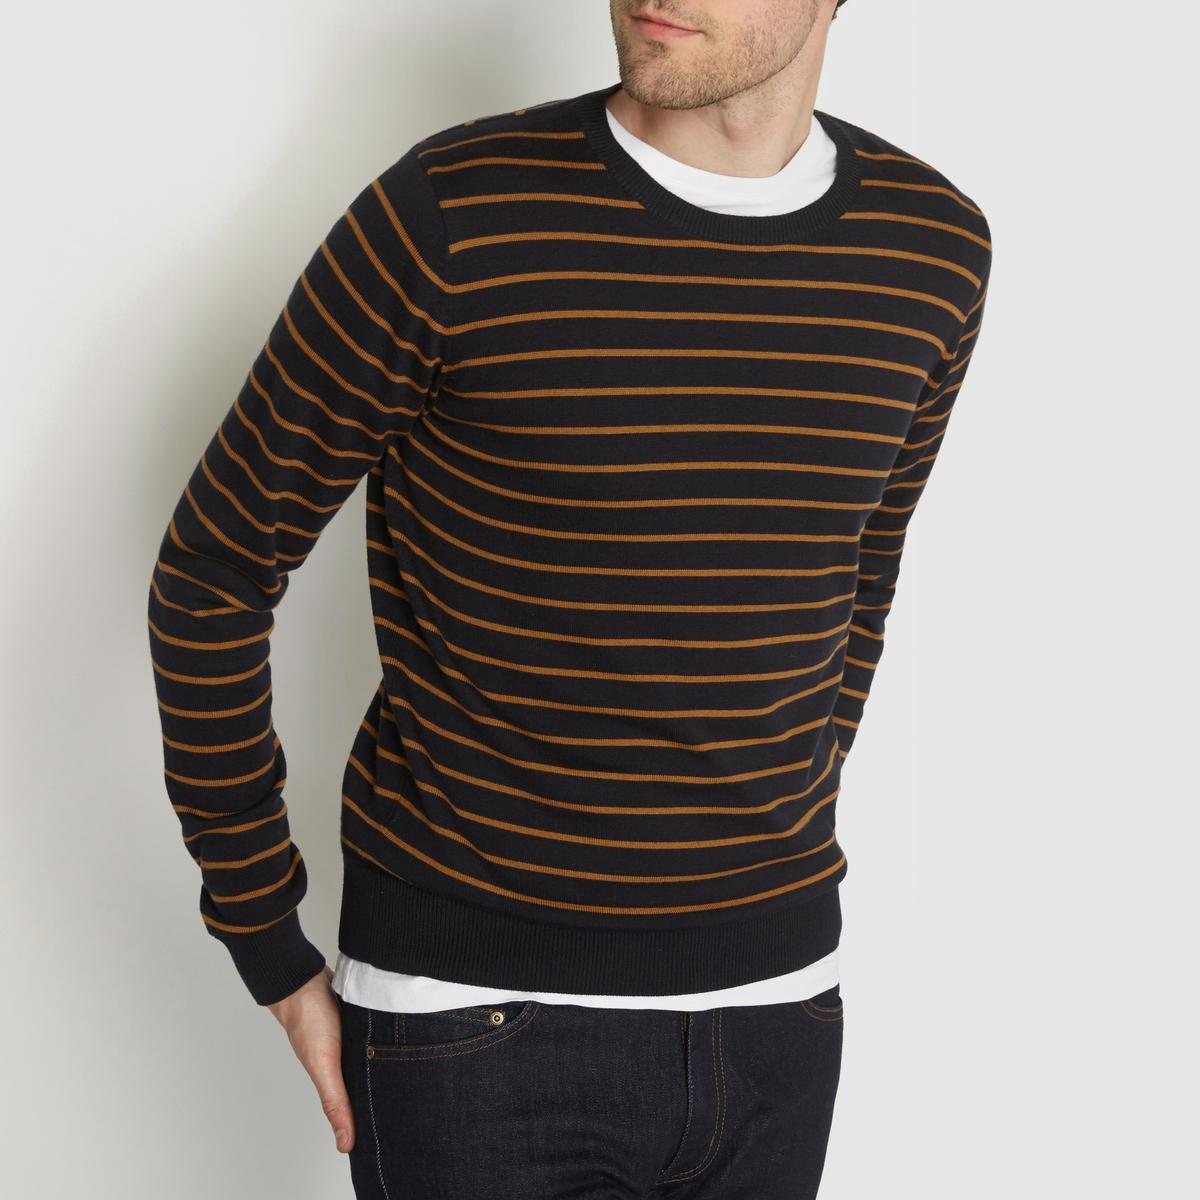 Пуловер в полоску 100% хлопокПуловер двухцветный в полоску с длинными рукавами. Прямой покрой, круглый вырез. Края низа и рукавов связаны в рубчик.Состав &amp; ДеталиМатериал : 100% хлопкаМарка : R essentiel.<br><br>Цвет: темно-синий в полоску/бежевый